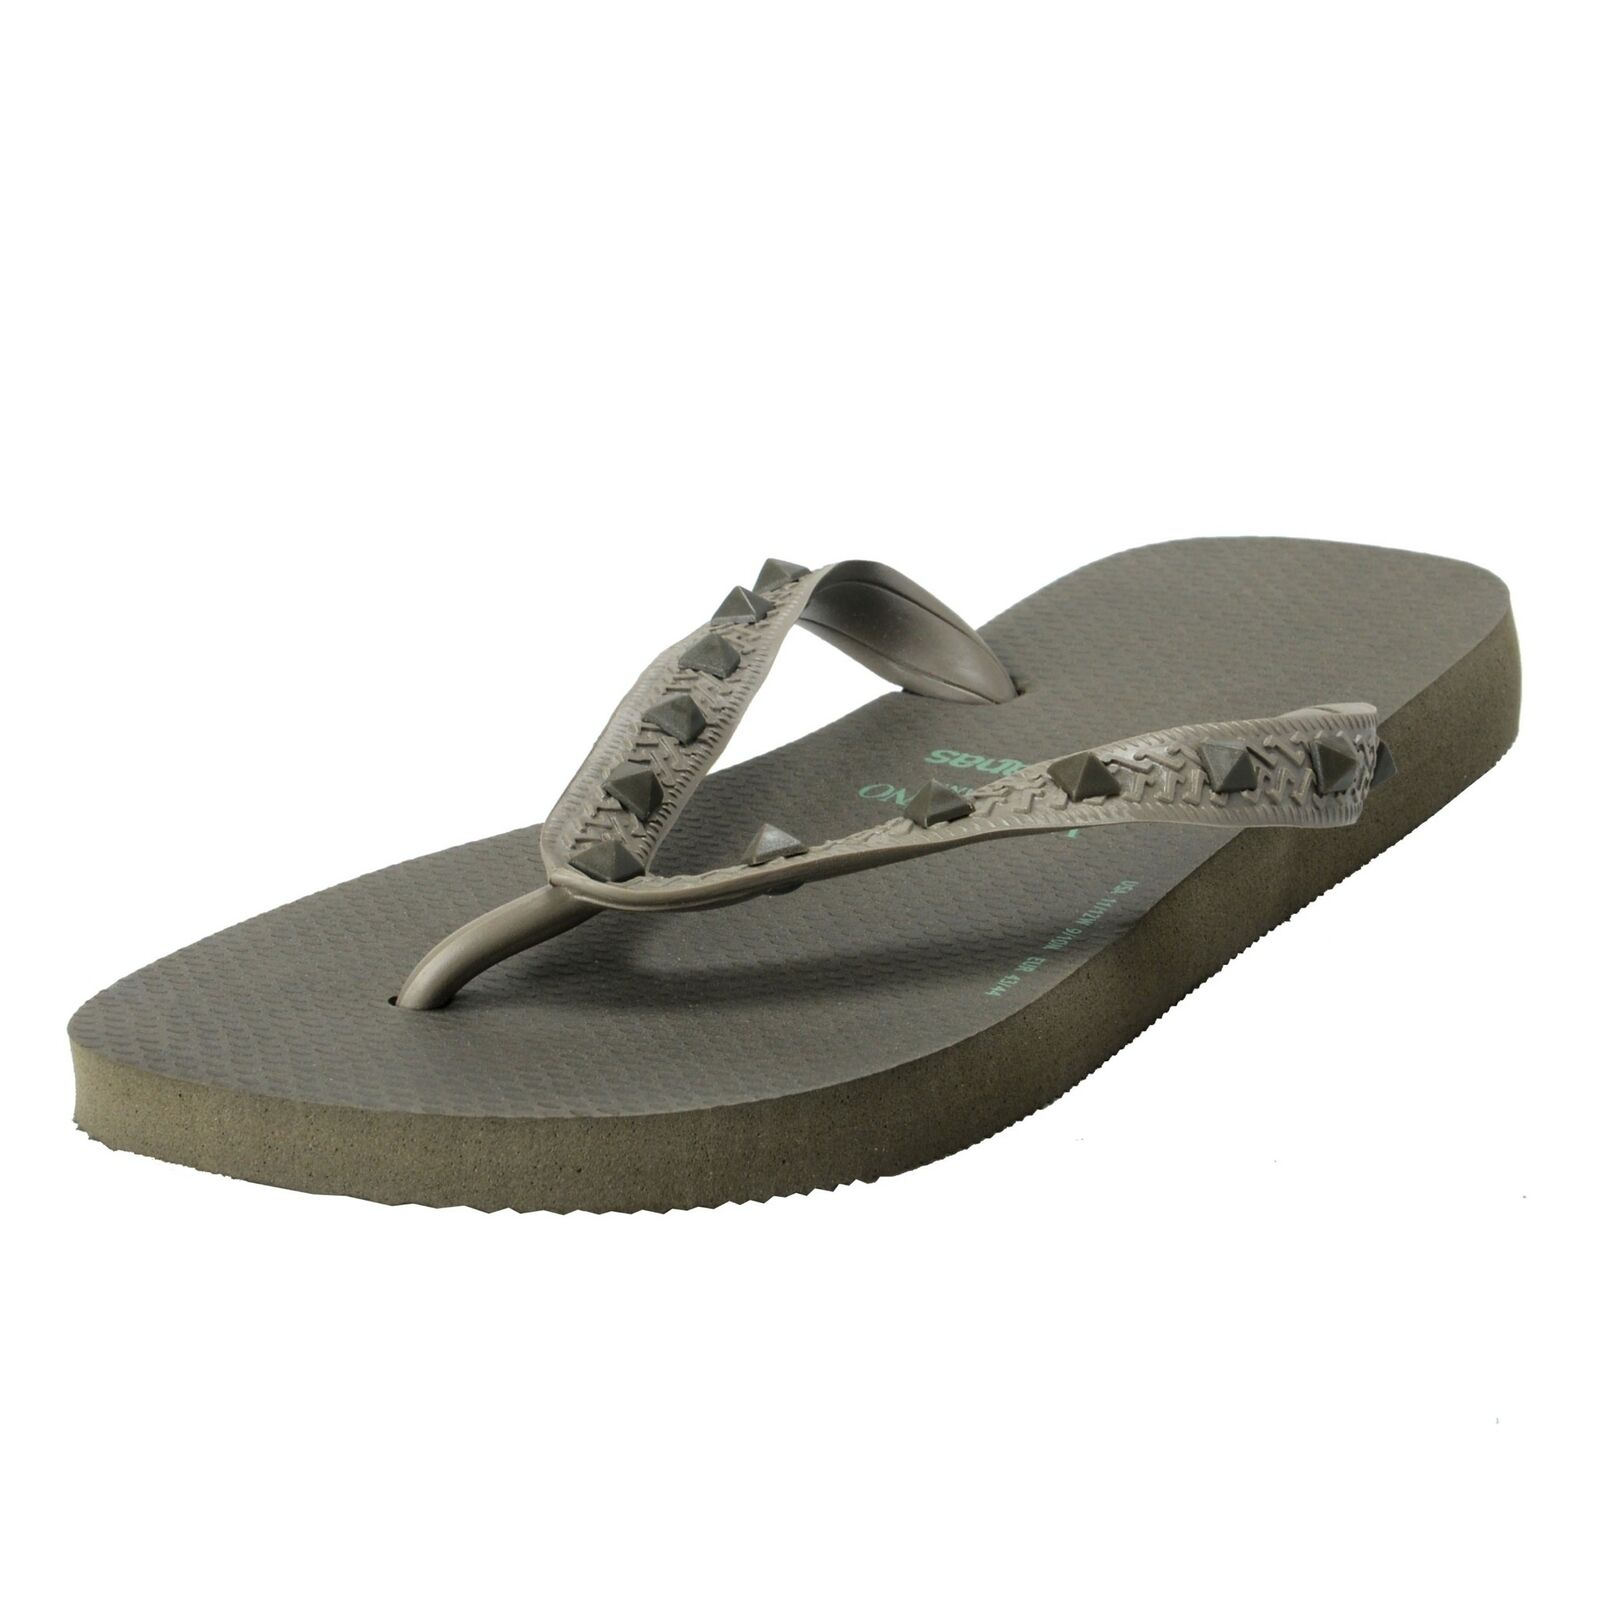 Valentino Garavani por Havaianas Para hombres Zapatos Flip Flop gris Ejército rockstud